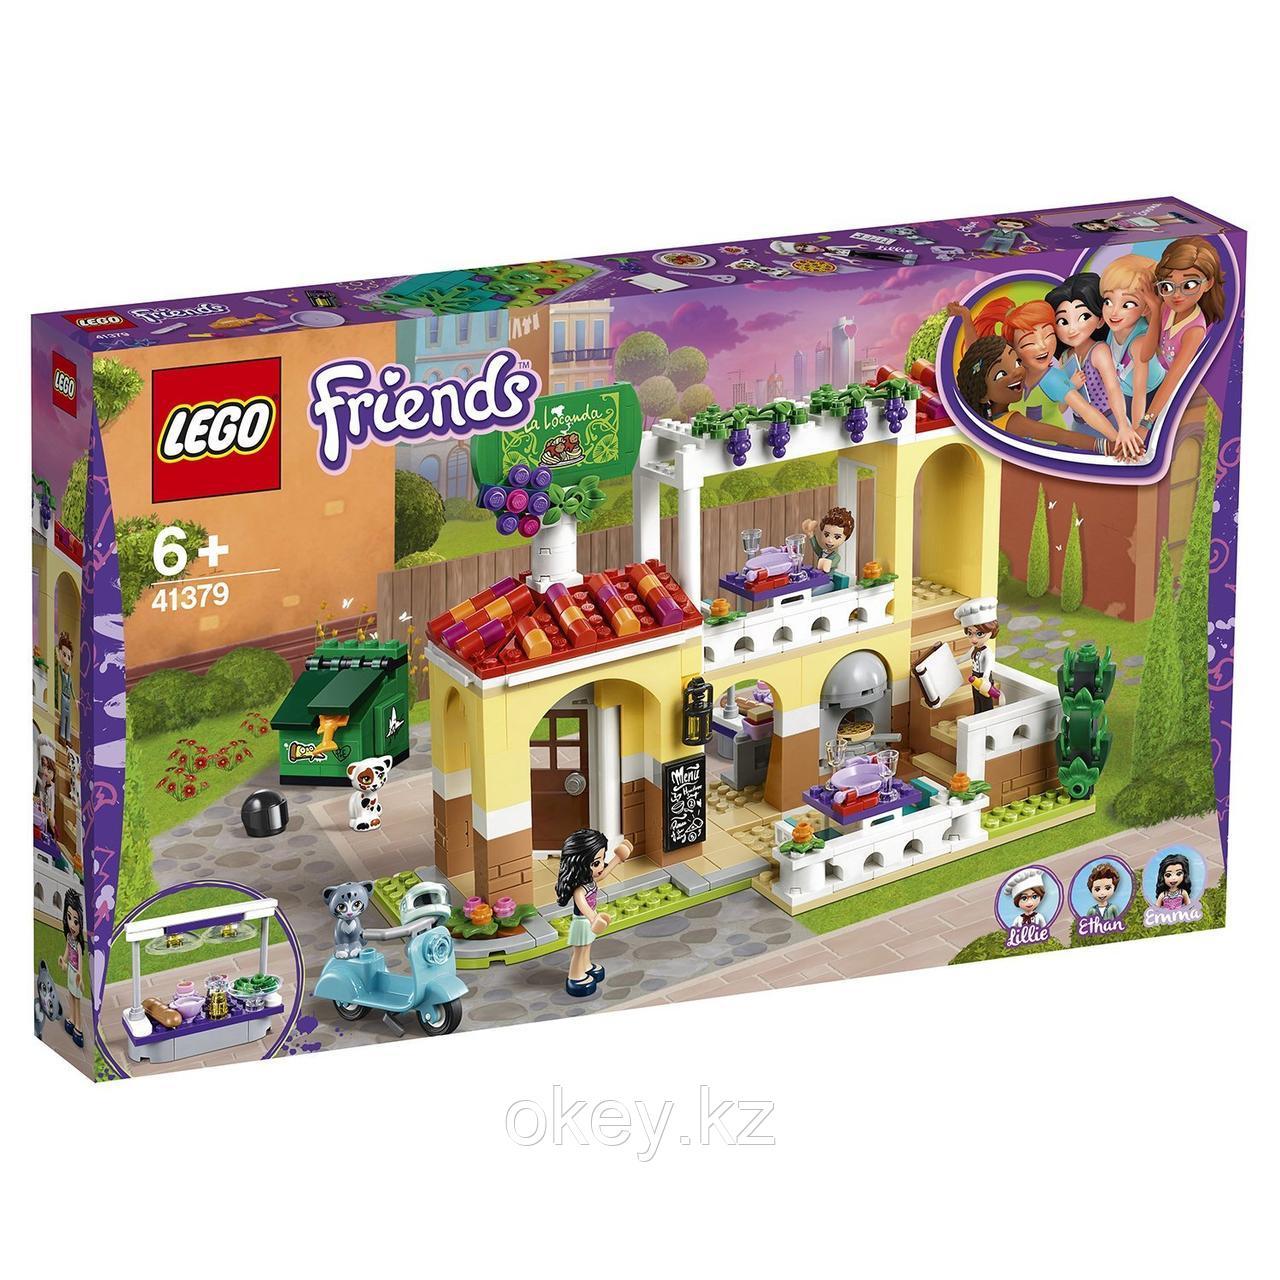 LEGO Friends: Ресторан Хартлейк Сити 41379